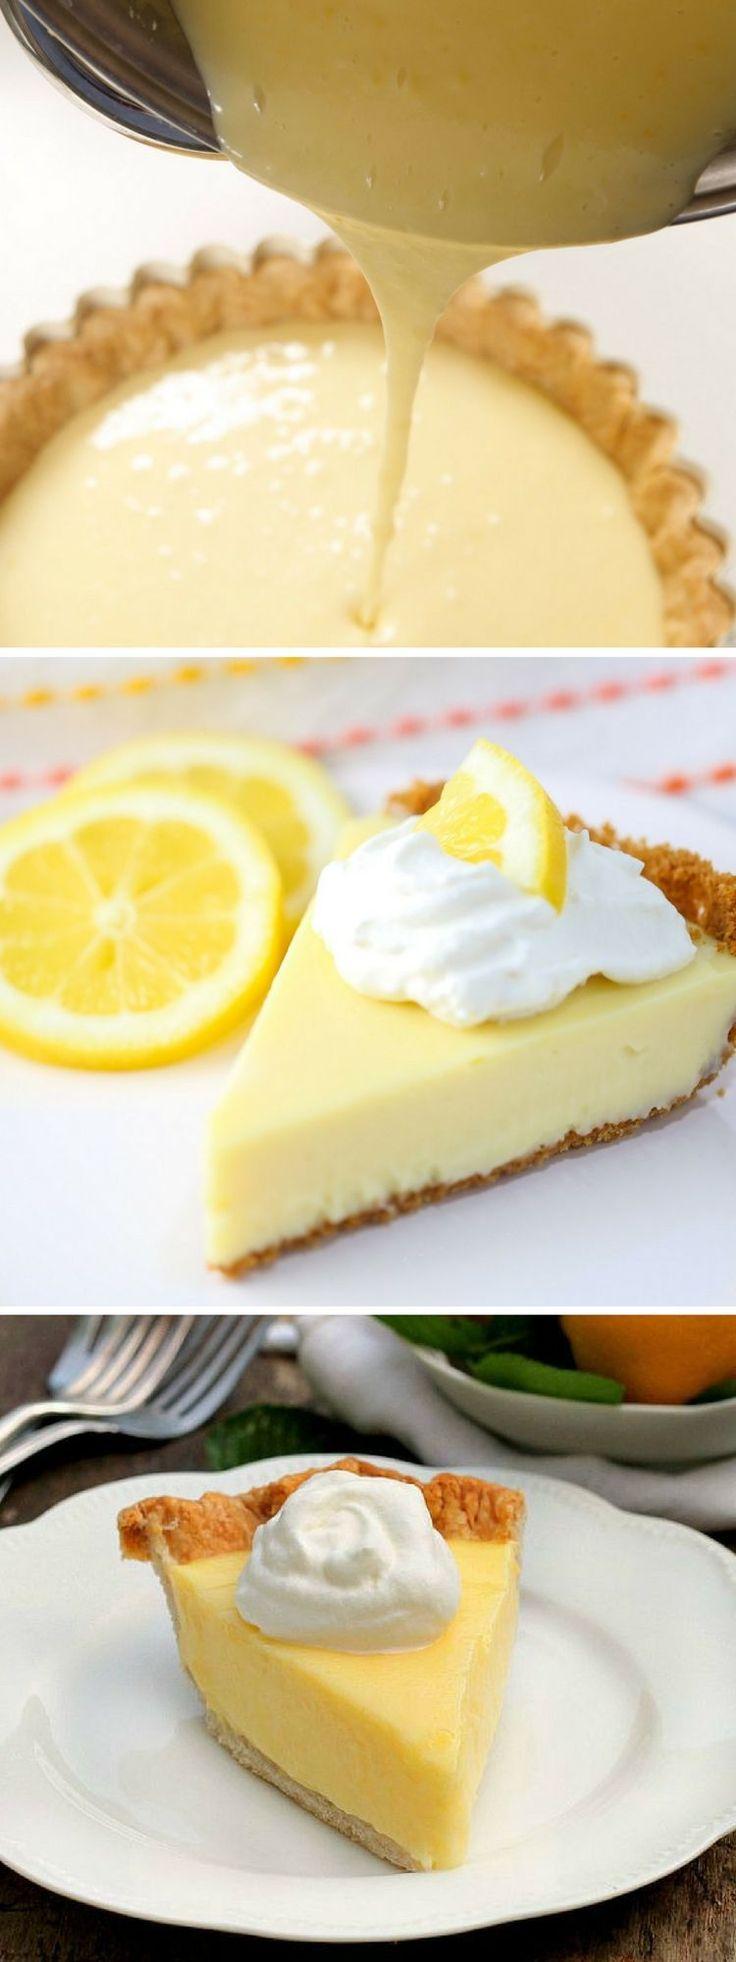 Prepara un delicioso pay de limón con esta fácil receta. | recetas fáciles postres paso a paso | pay de limon con galletas marias receta | #recetasfáciles #postres